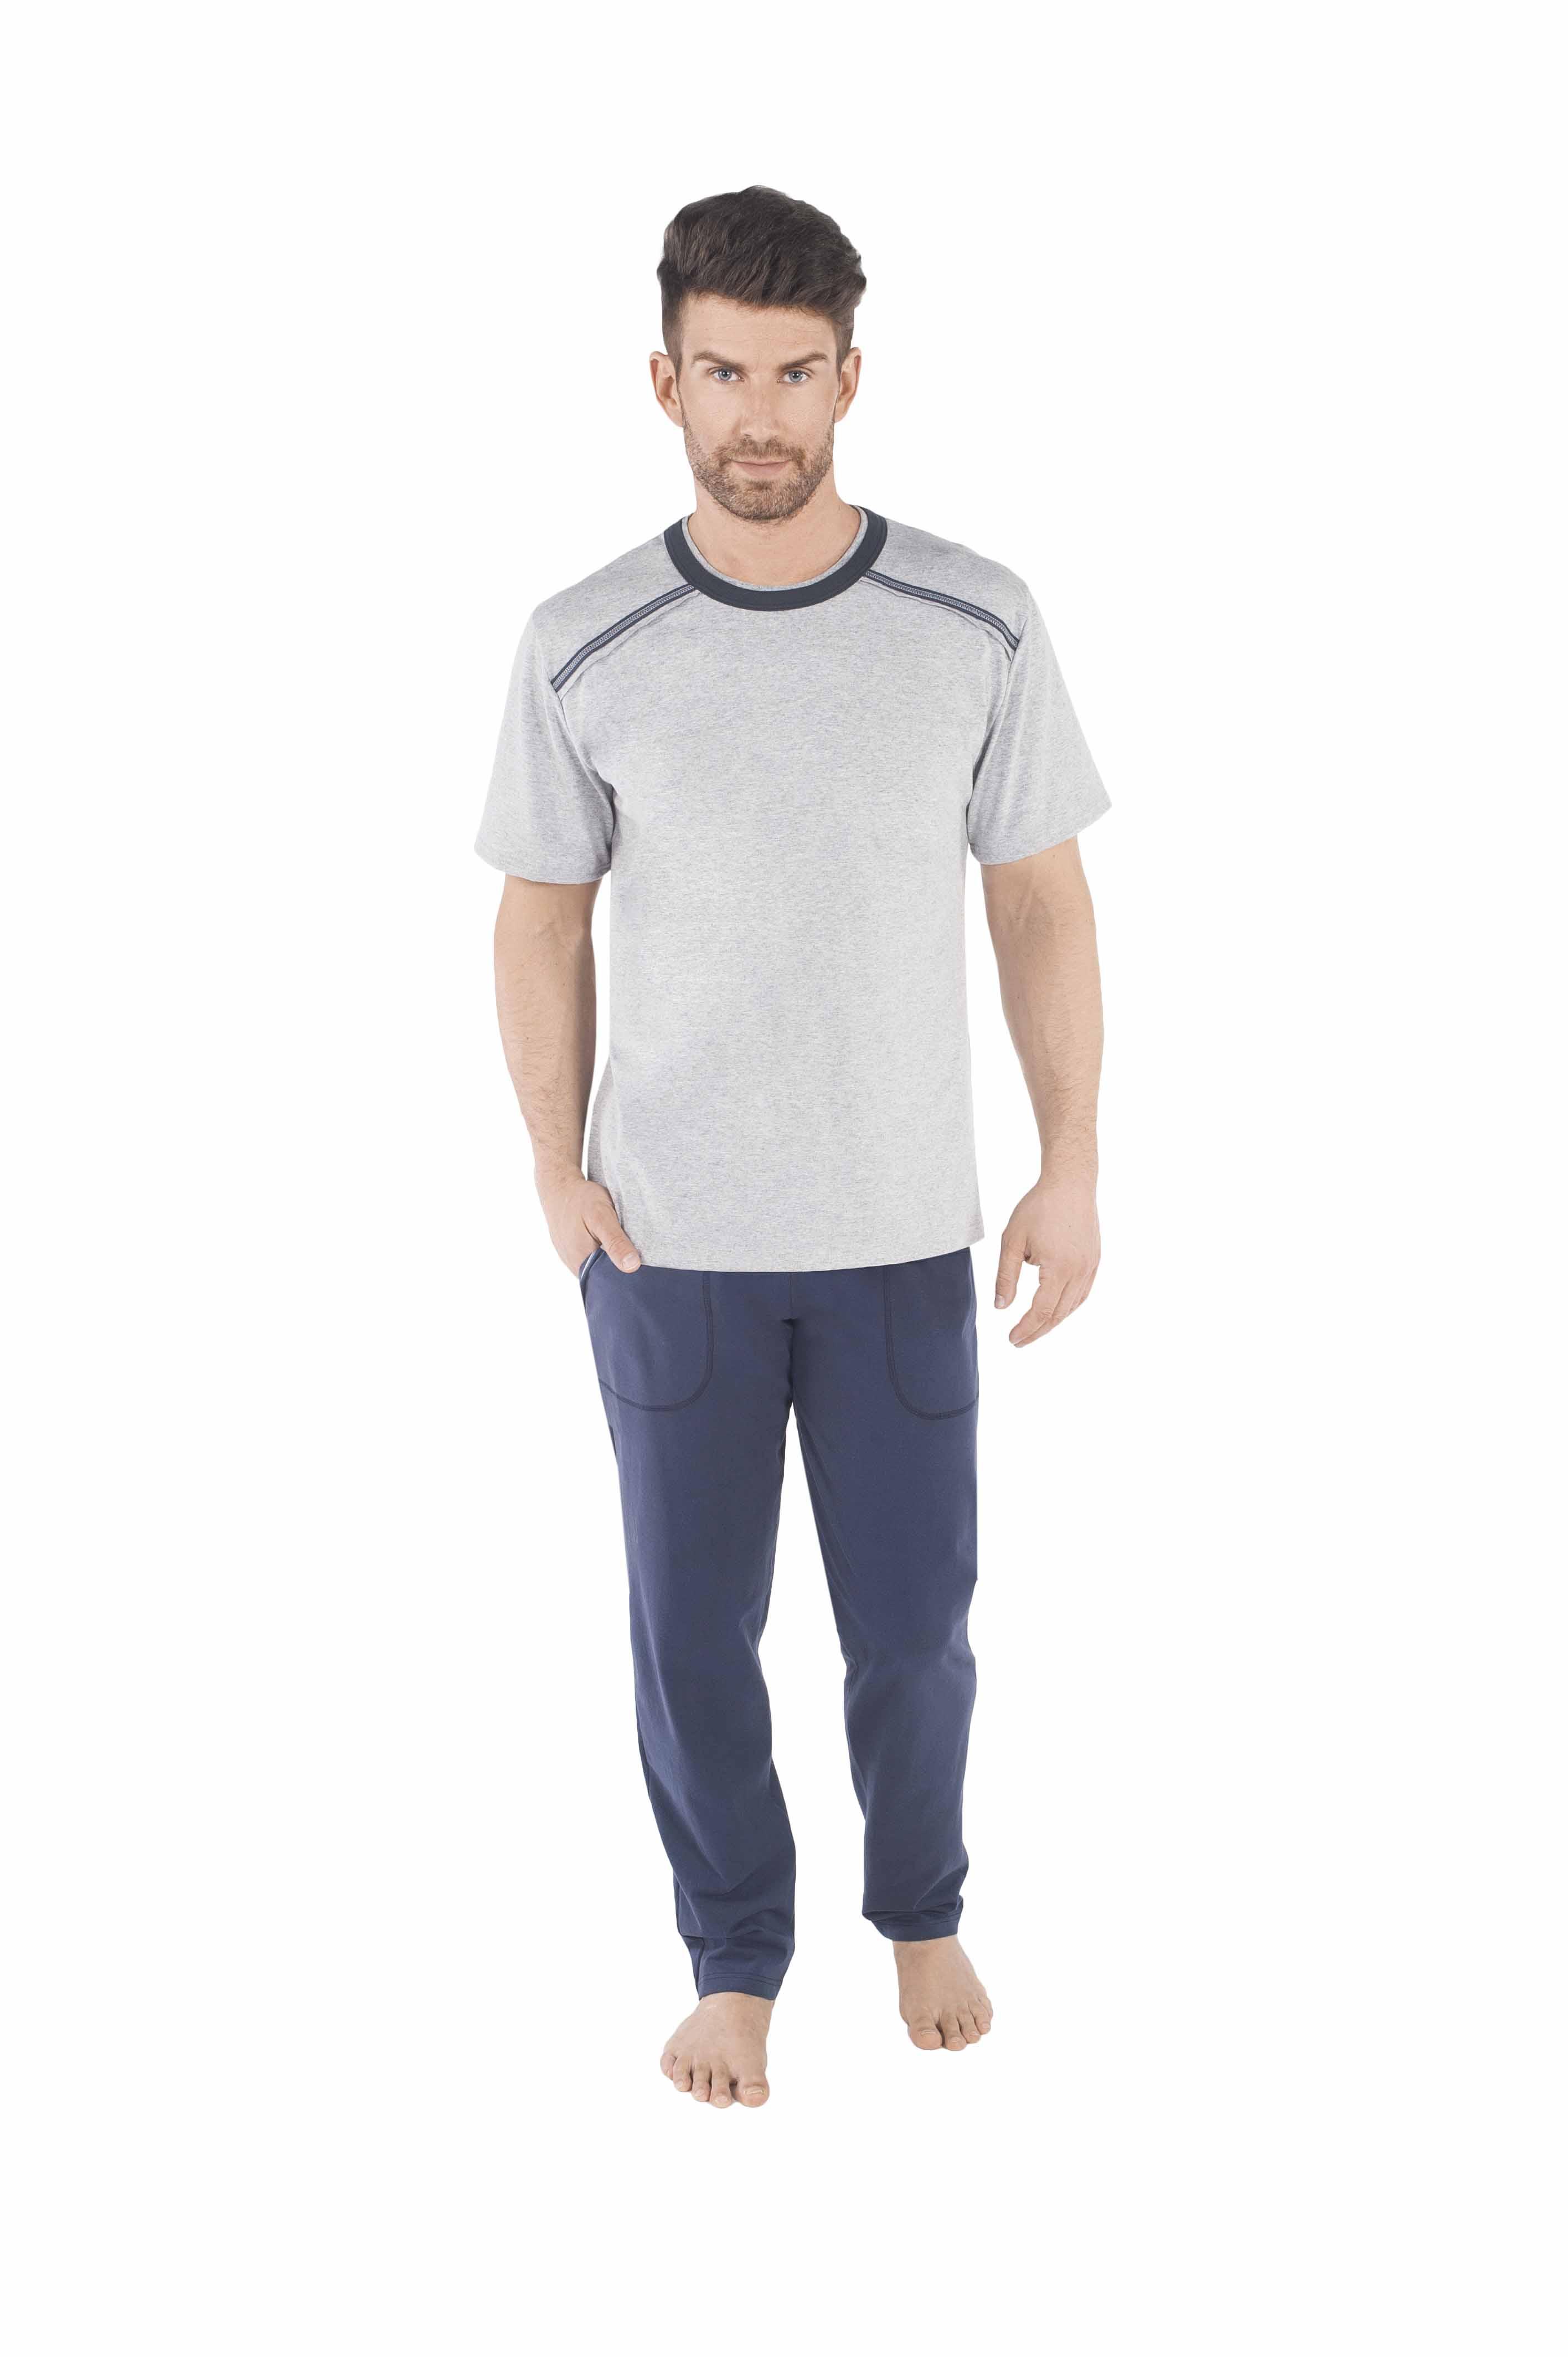 f8fab25af78ae4 Piżama męska Italian Fashion Zbyszek krótki rękaw/długie spodnie rozm.M-XL